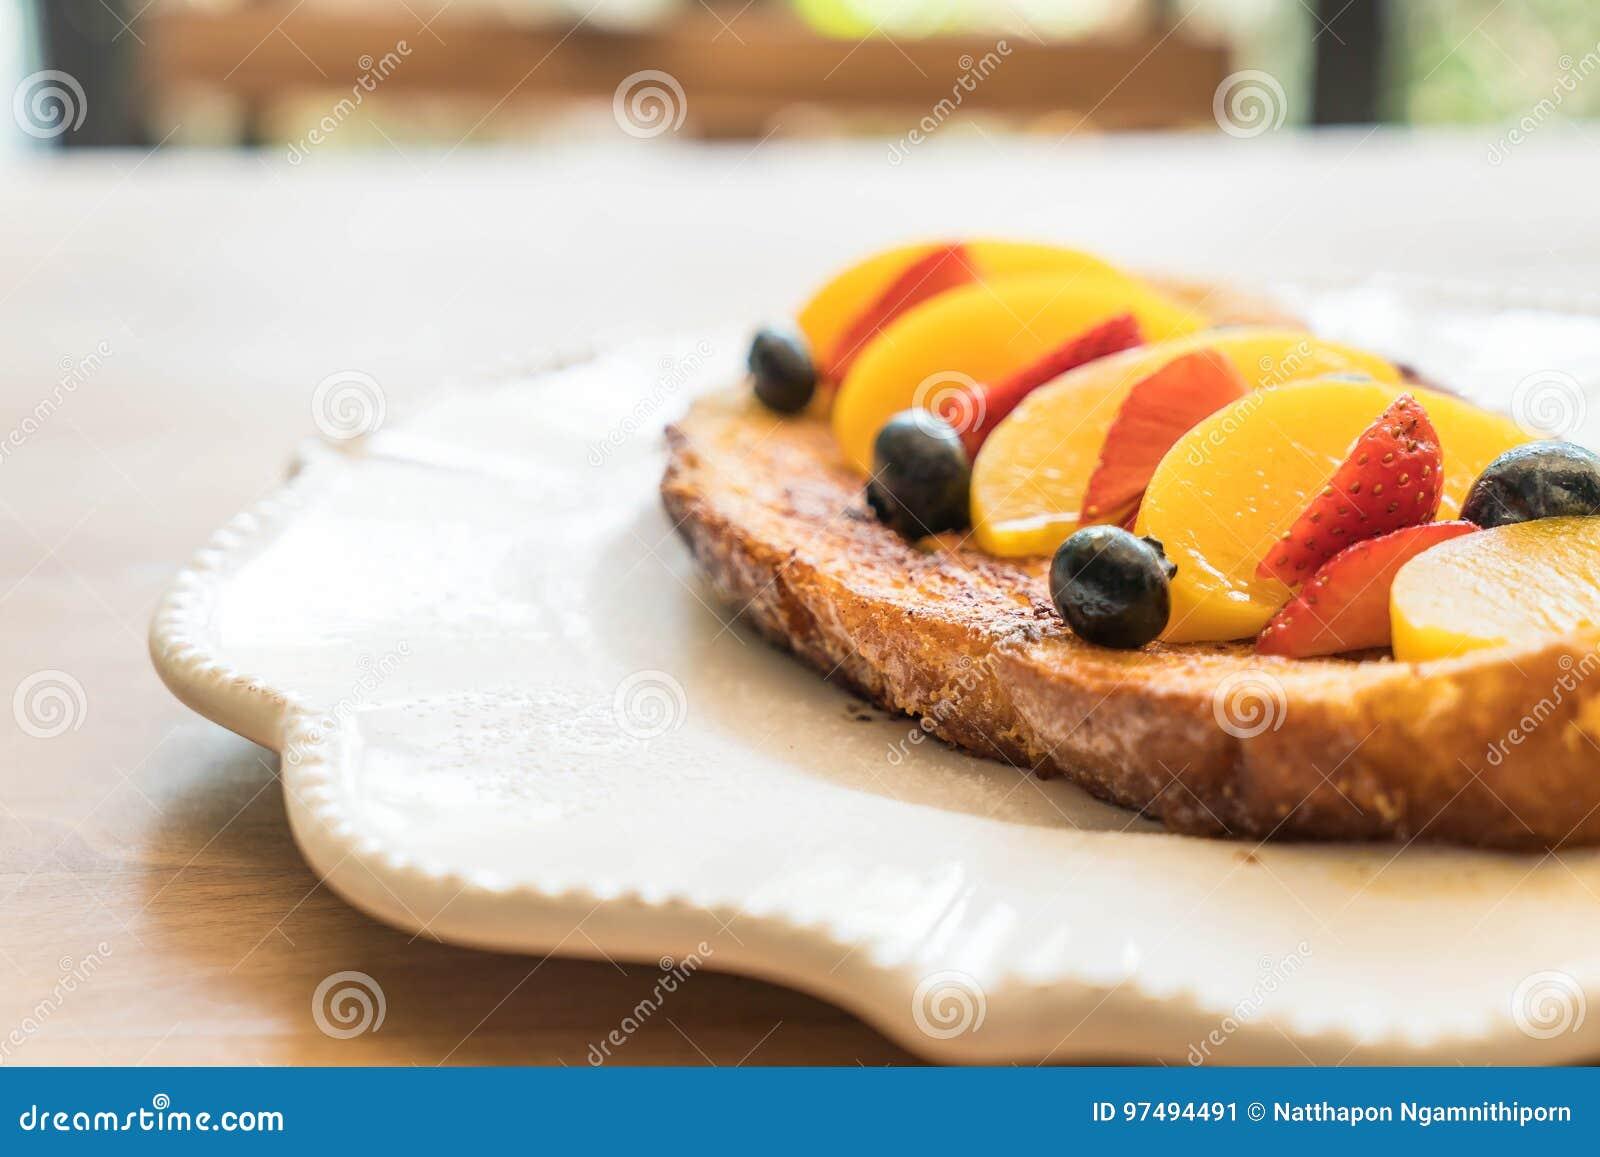 Pane tostato francese con la pesca, la fragola ed i mirtilli